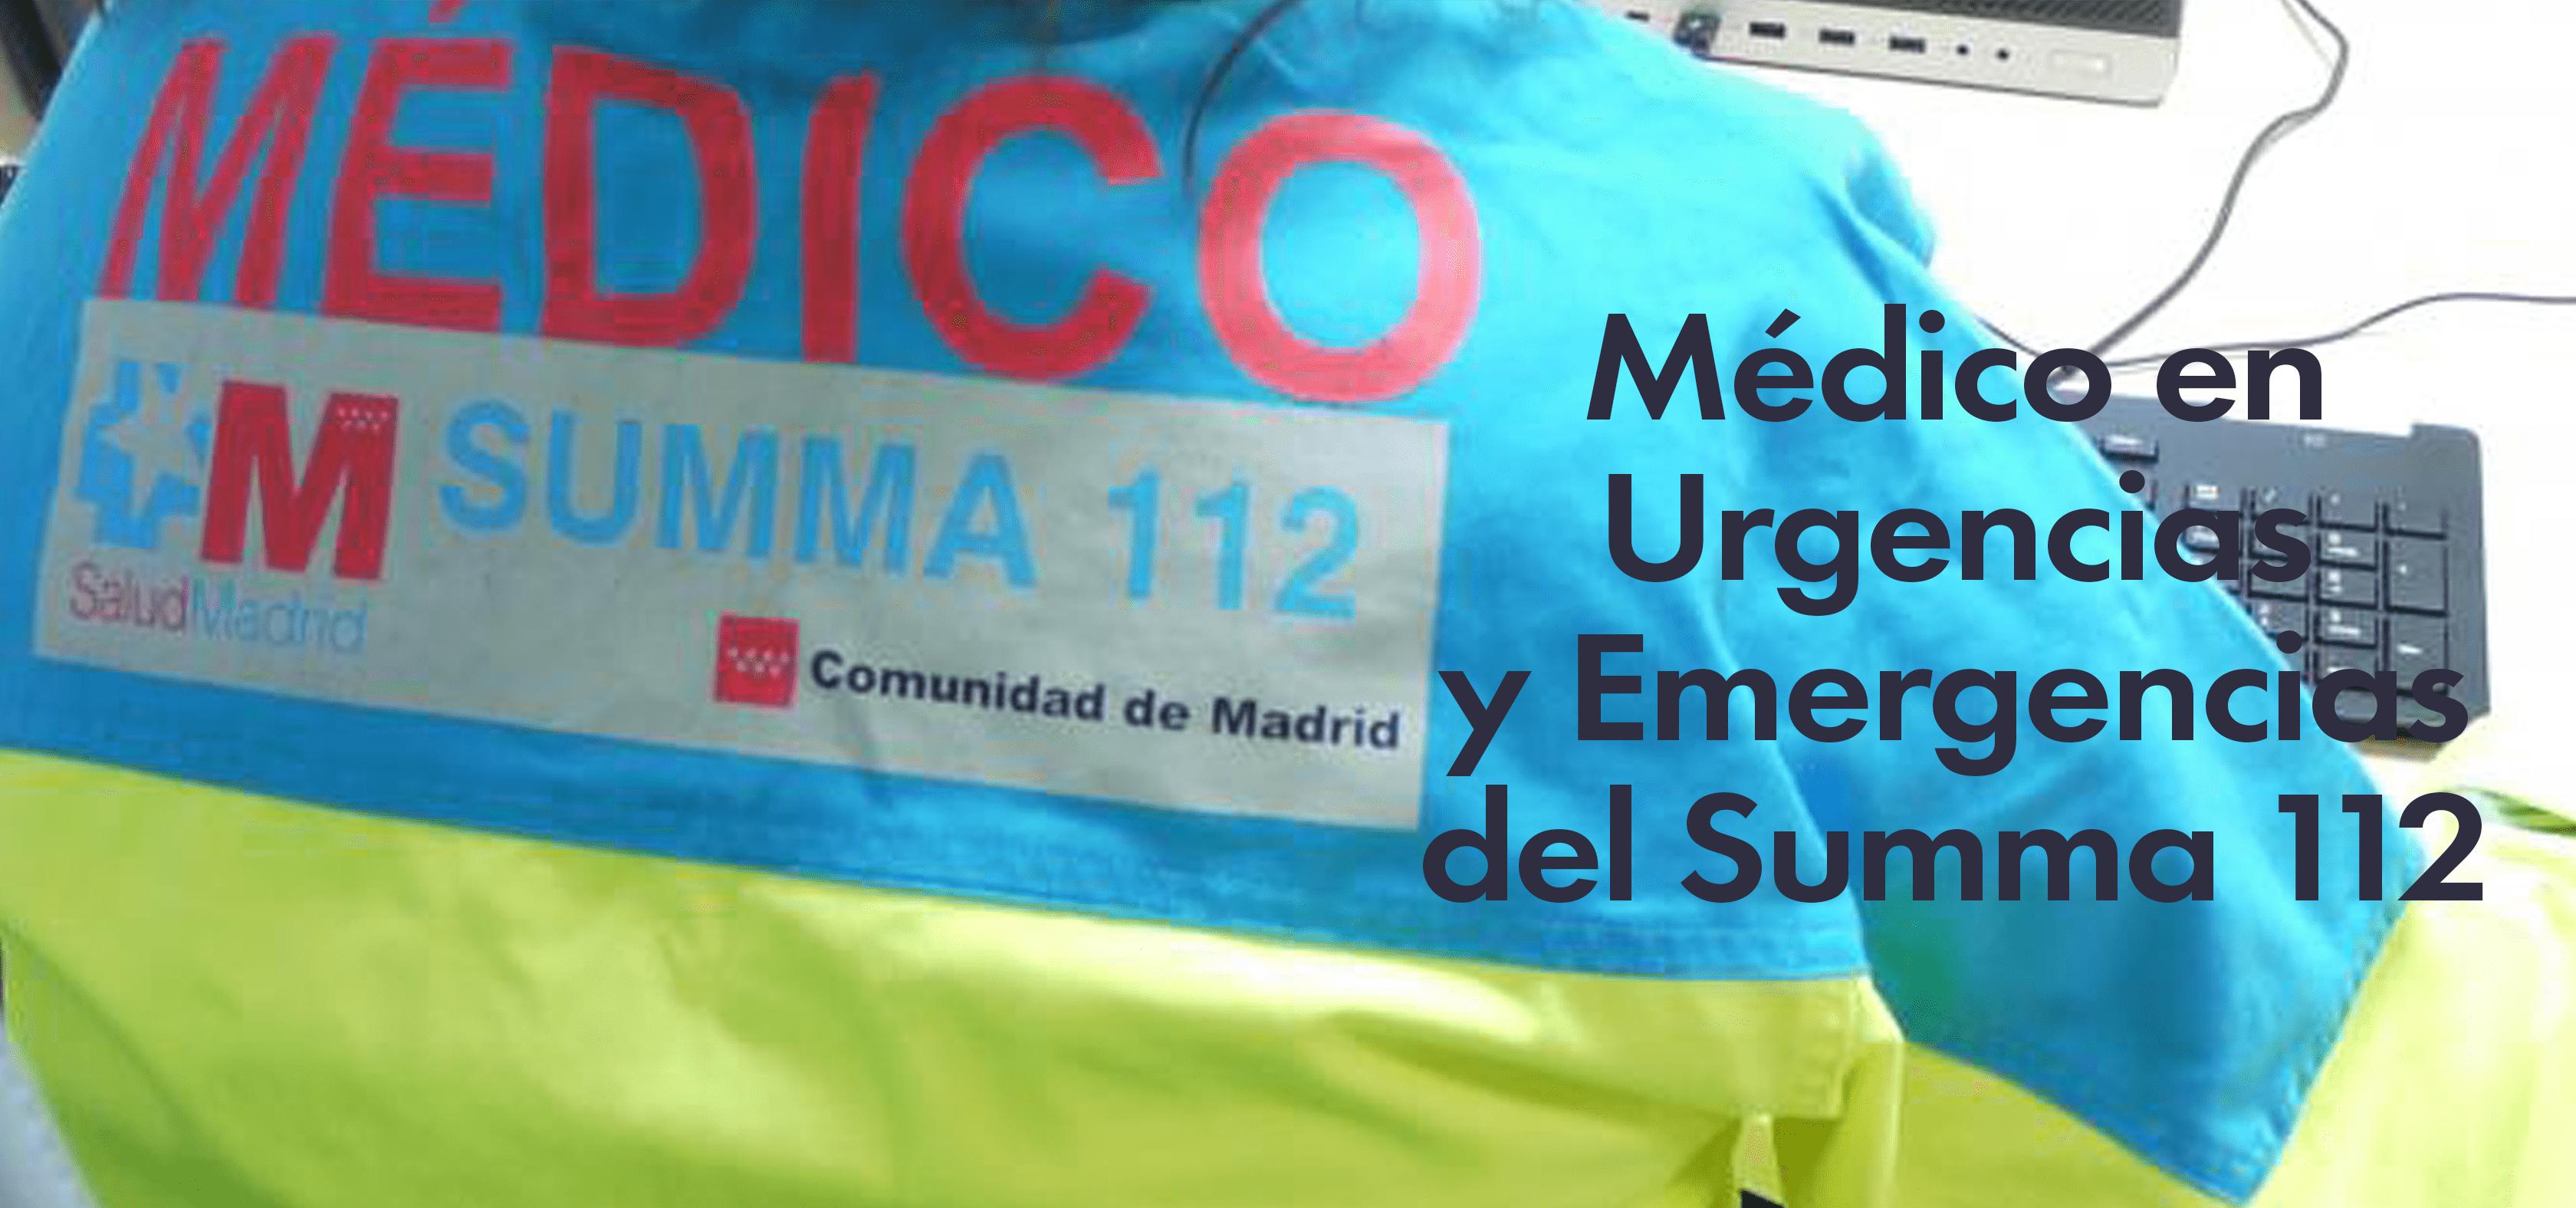 Médico en Urgencias y Emergencias del Summa 112